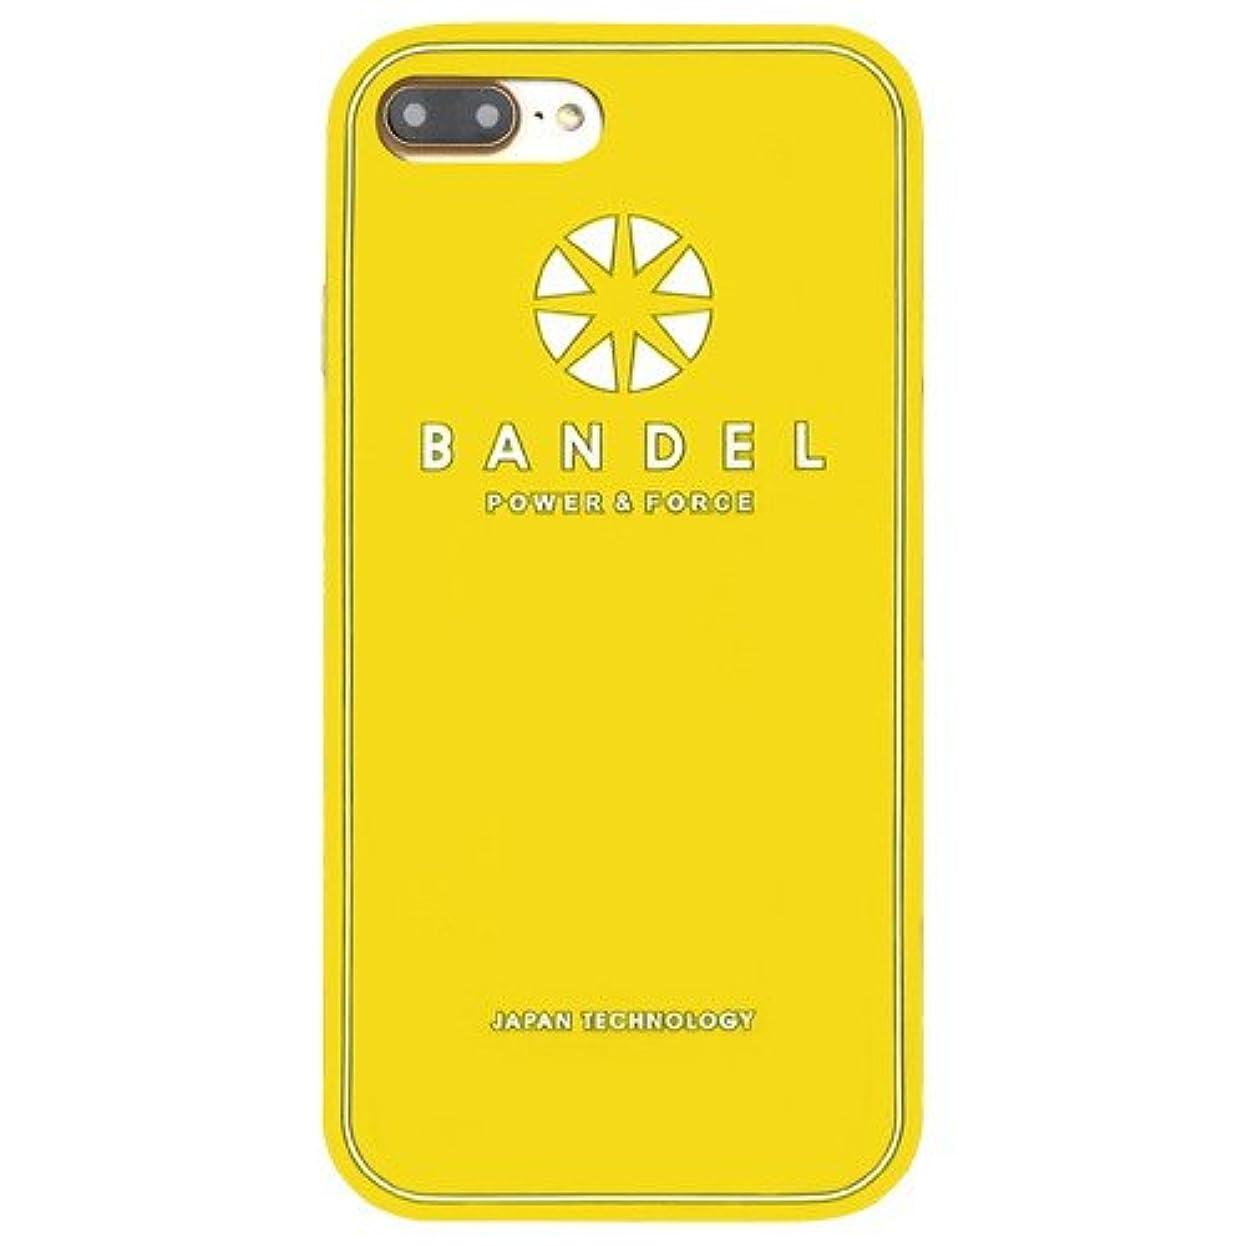 ポータルに渡ってネックレットバンデル(BANDEL) ロゴ iPhone 7 Plus専用 シリコンケース [イエロー]